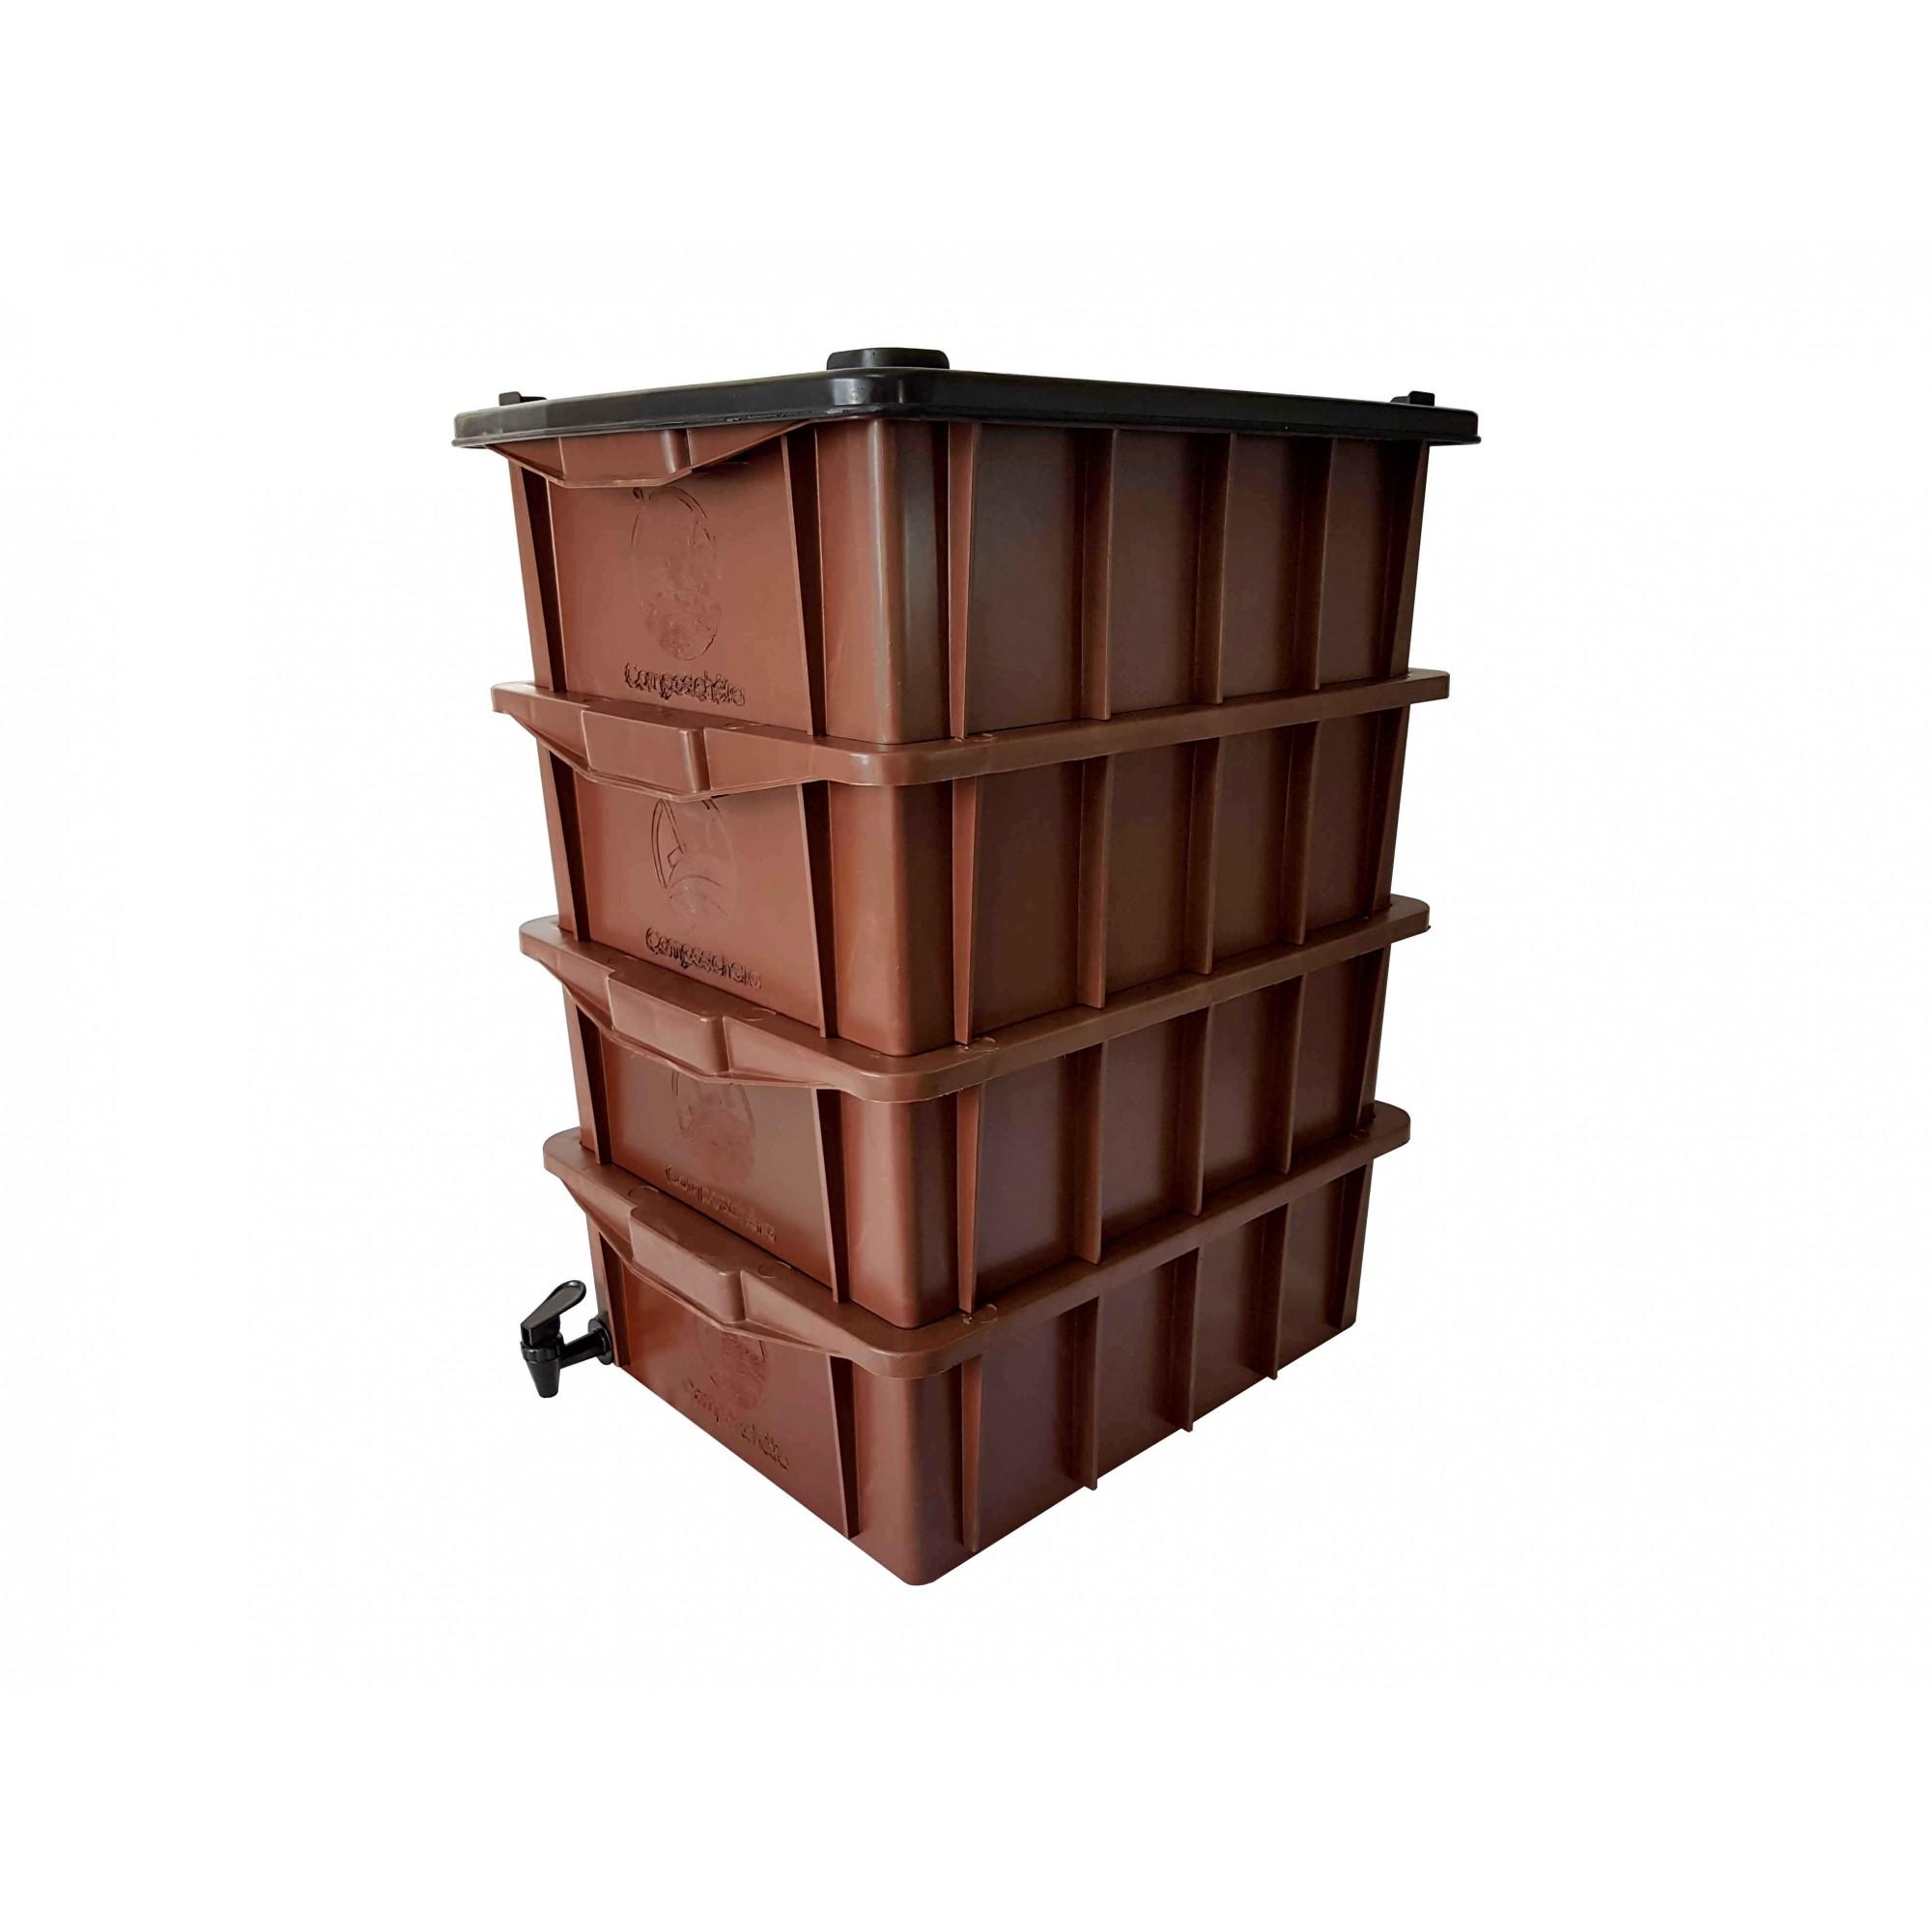 Compostchêira Doméstica - P4 (para 1 pessoa)